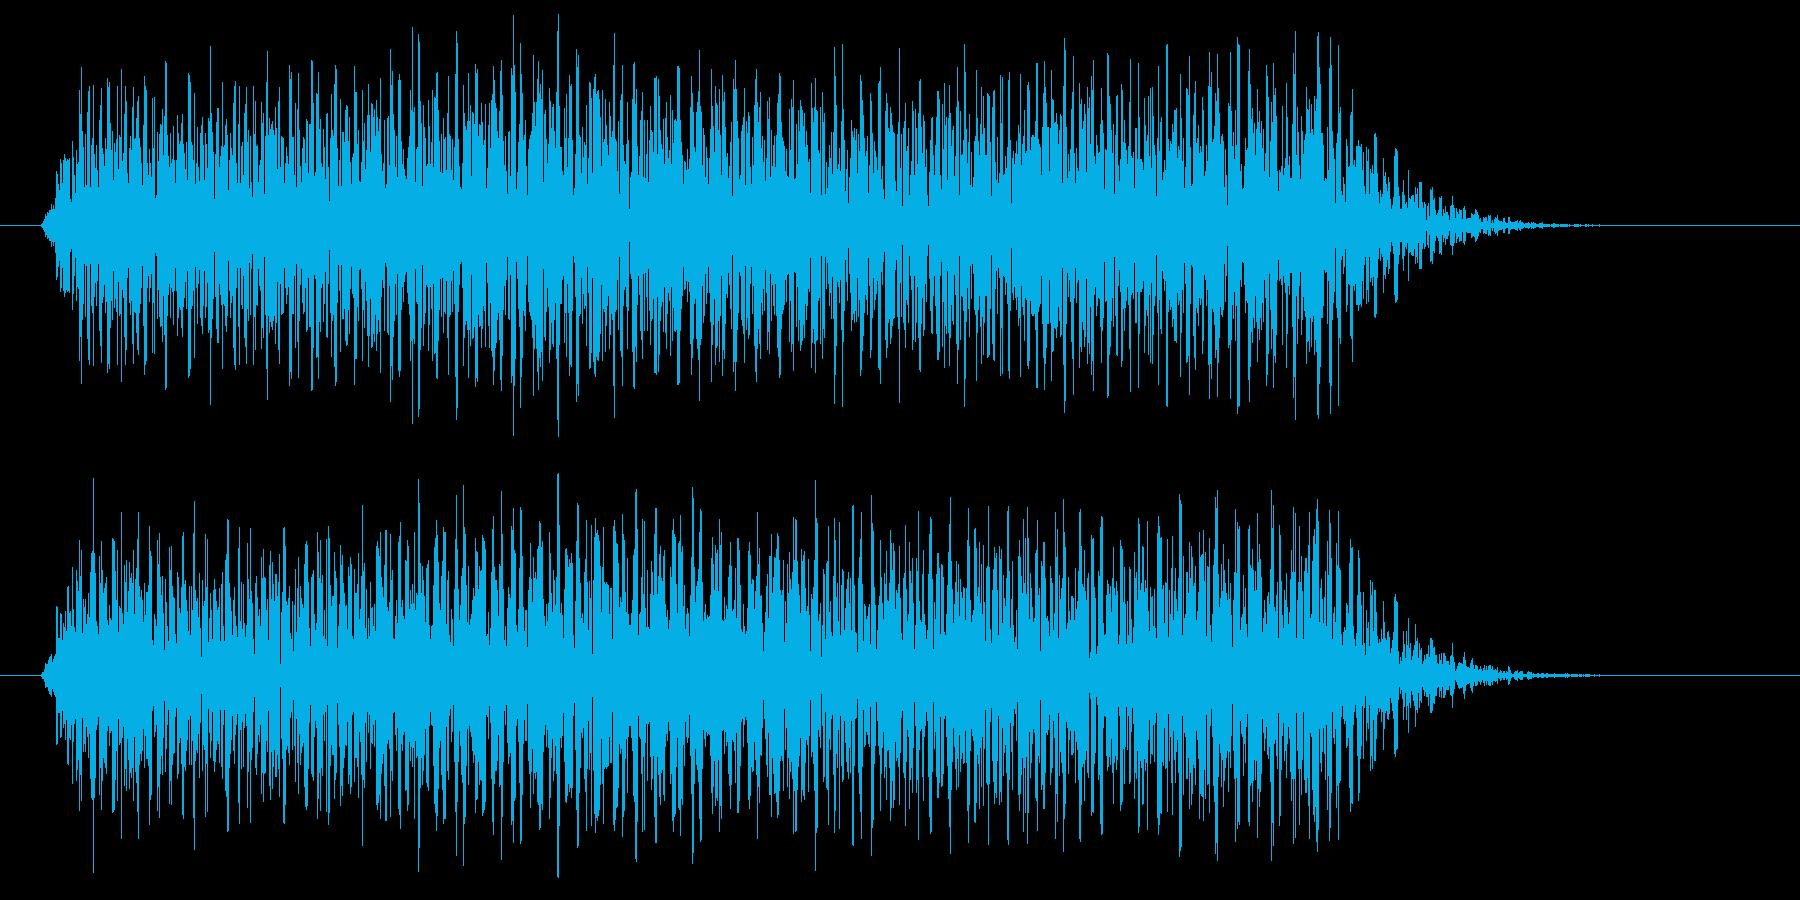 タァーー(電子音)の再生済みの波形